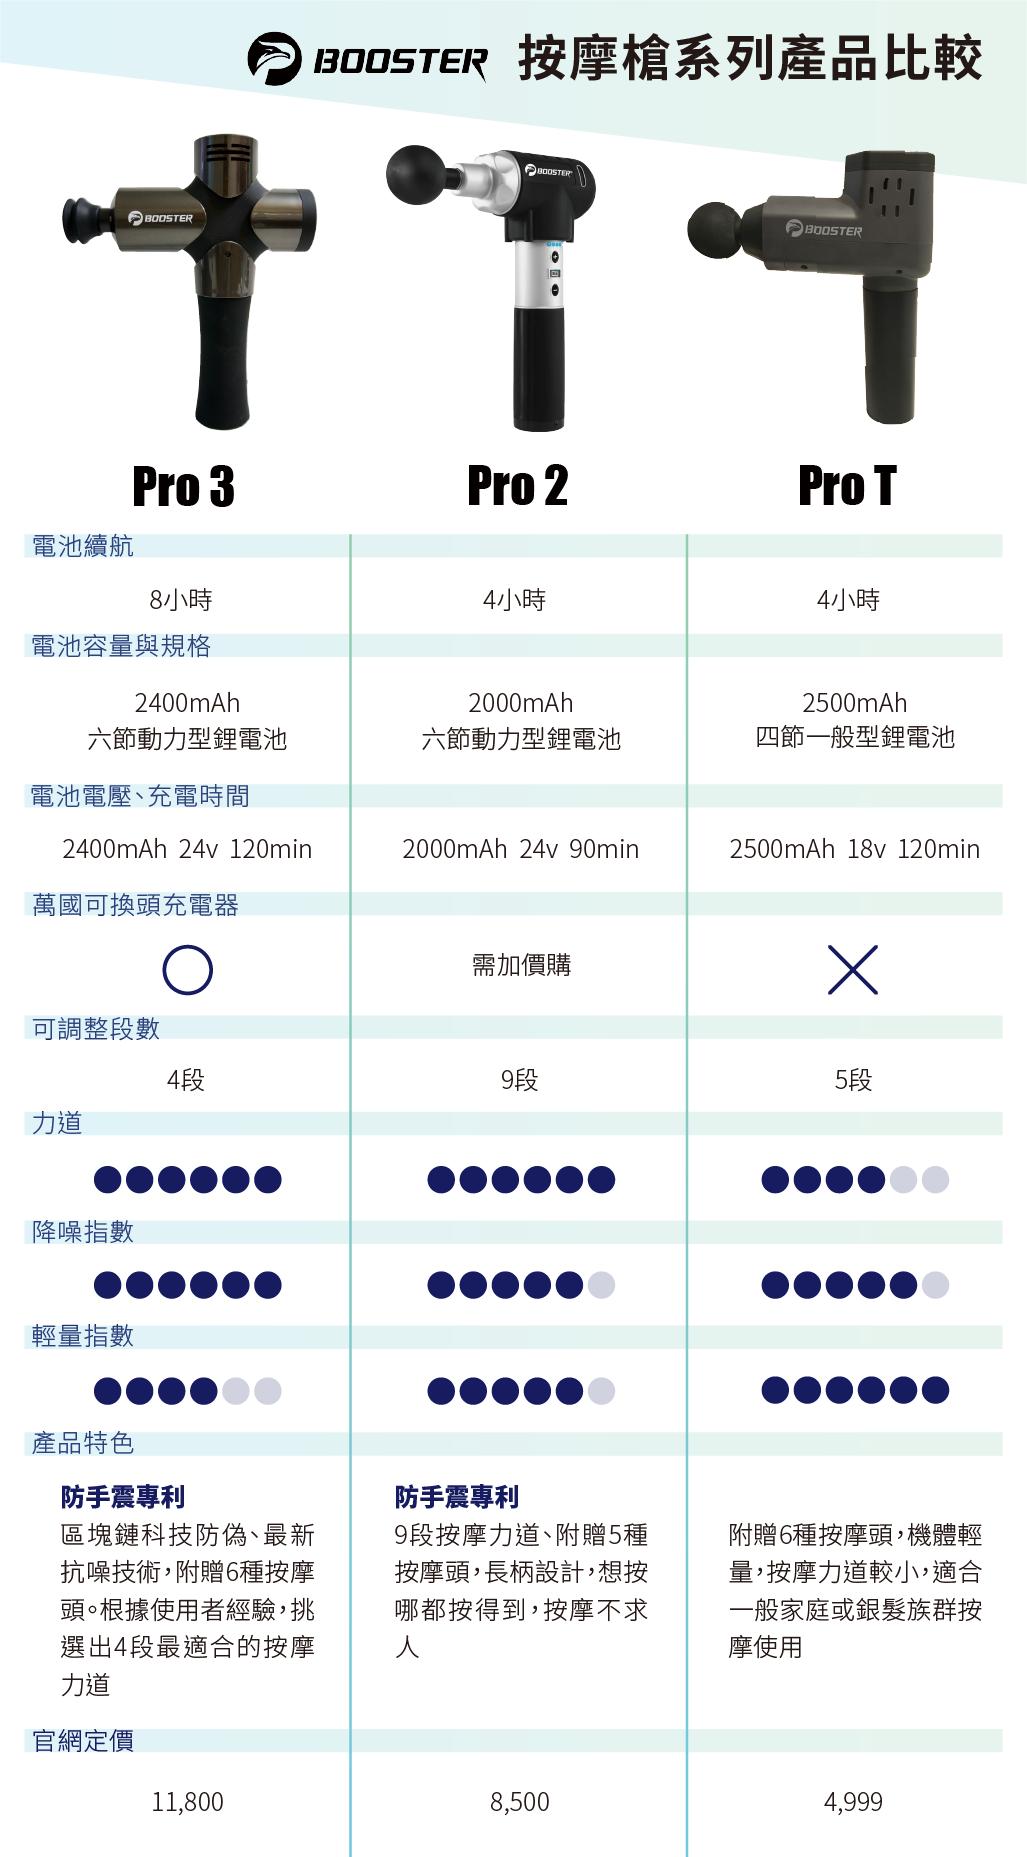 Booster 筋膜槍比較,pro3金屬外觀降噪能力強,pro2九段力道性價比最高,proT適合居家按摩使用